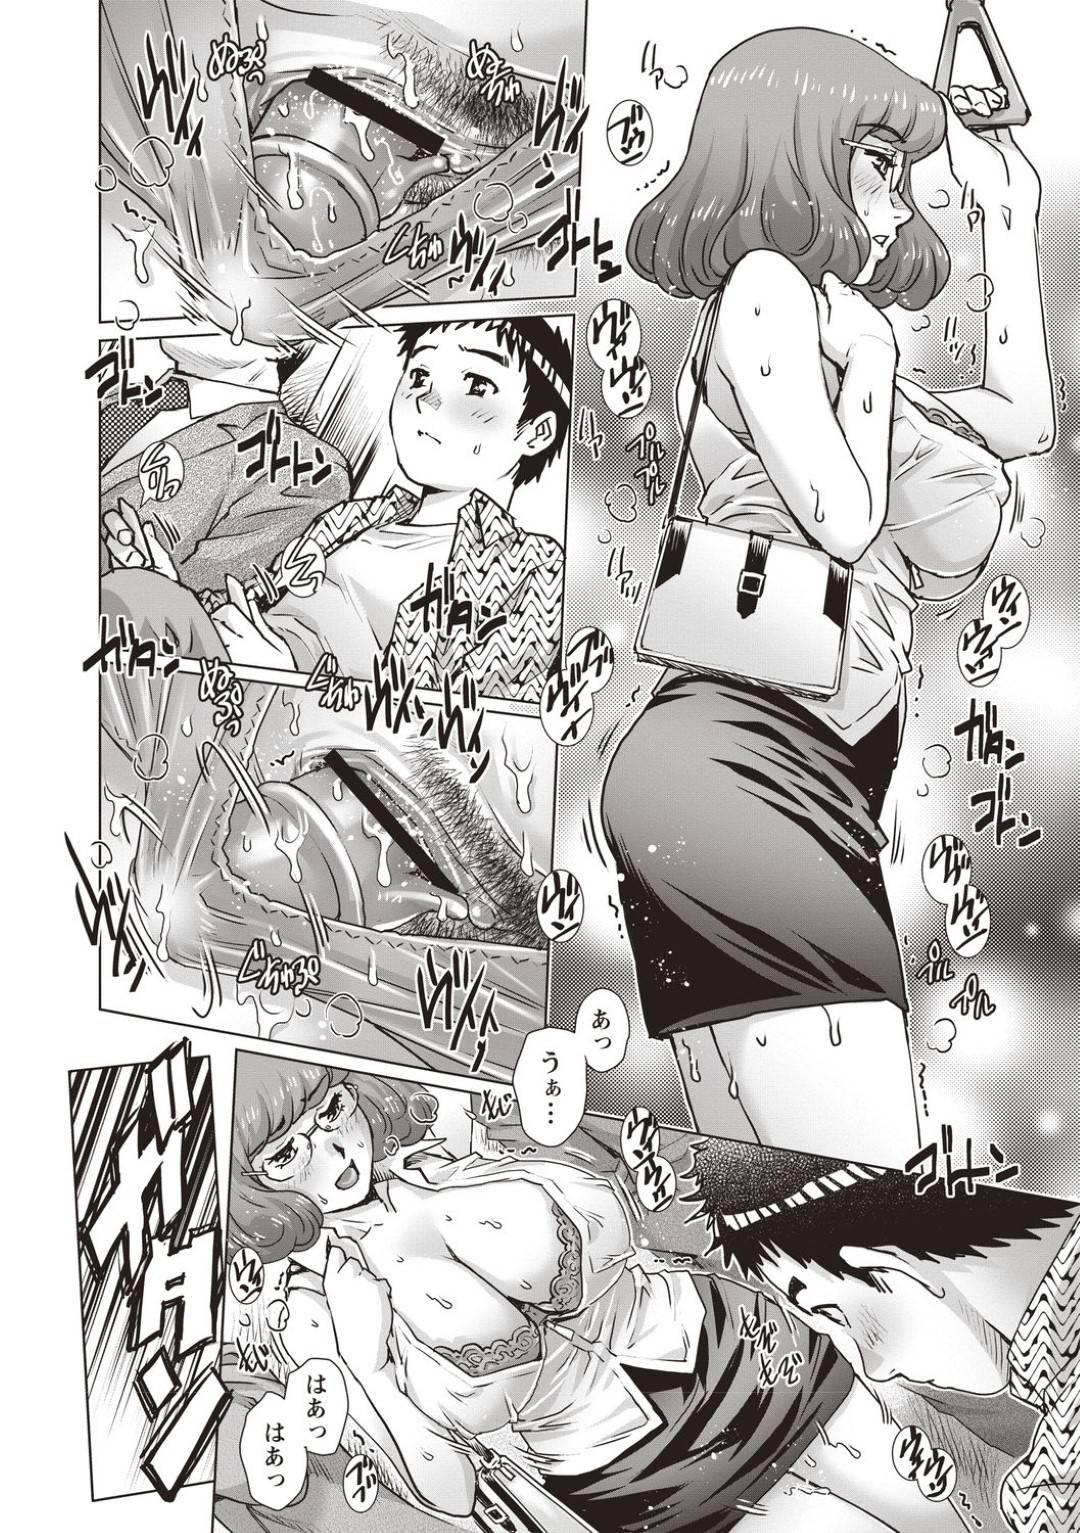 【エロ漫画】ローターを仕込んで勤務していたことが生徒にバレてしまった女教師…淫乱な彼女は彼をエッチな事へ付き合わせて電車の中でローターを操作させたり、トイレでセックスしたりとヤりまくる!【やながわ理央:プレイパートナー】